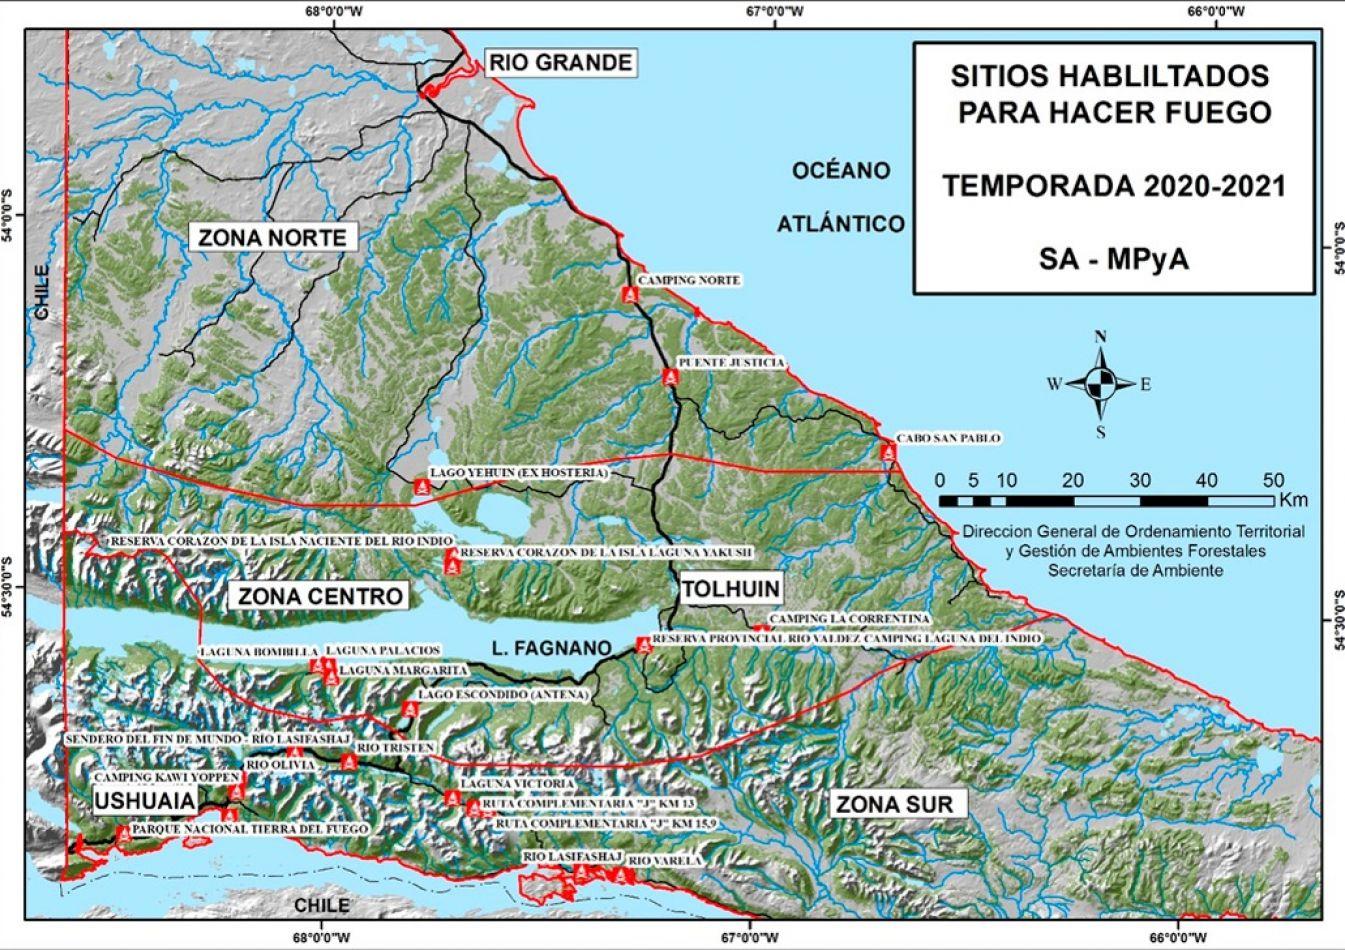 Informe semanal de lugares habilitados para hacer fuego en Tierra del Fuego